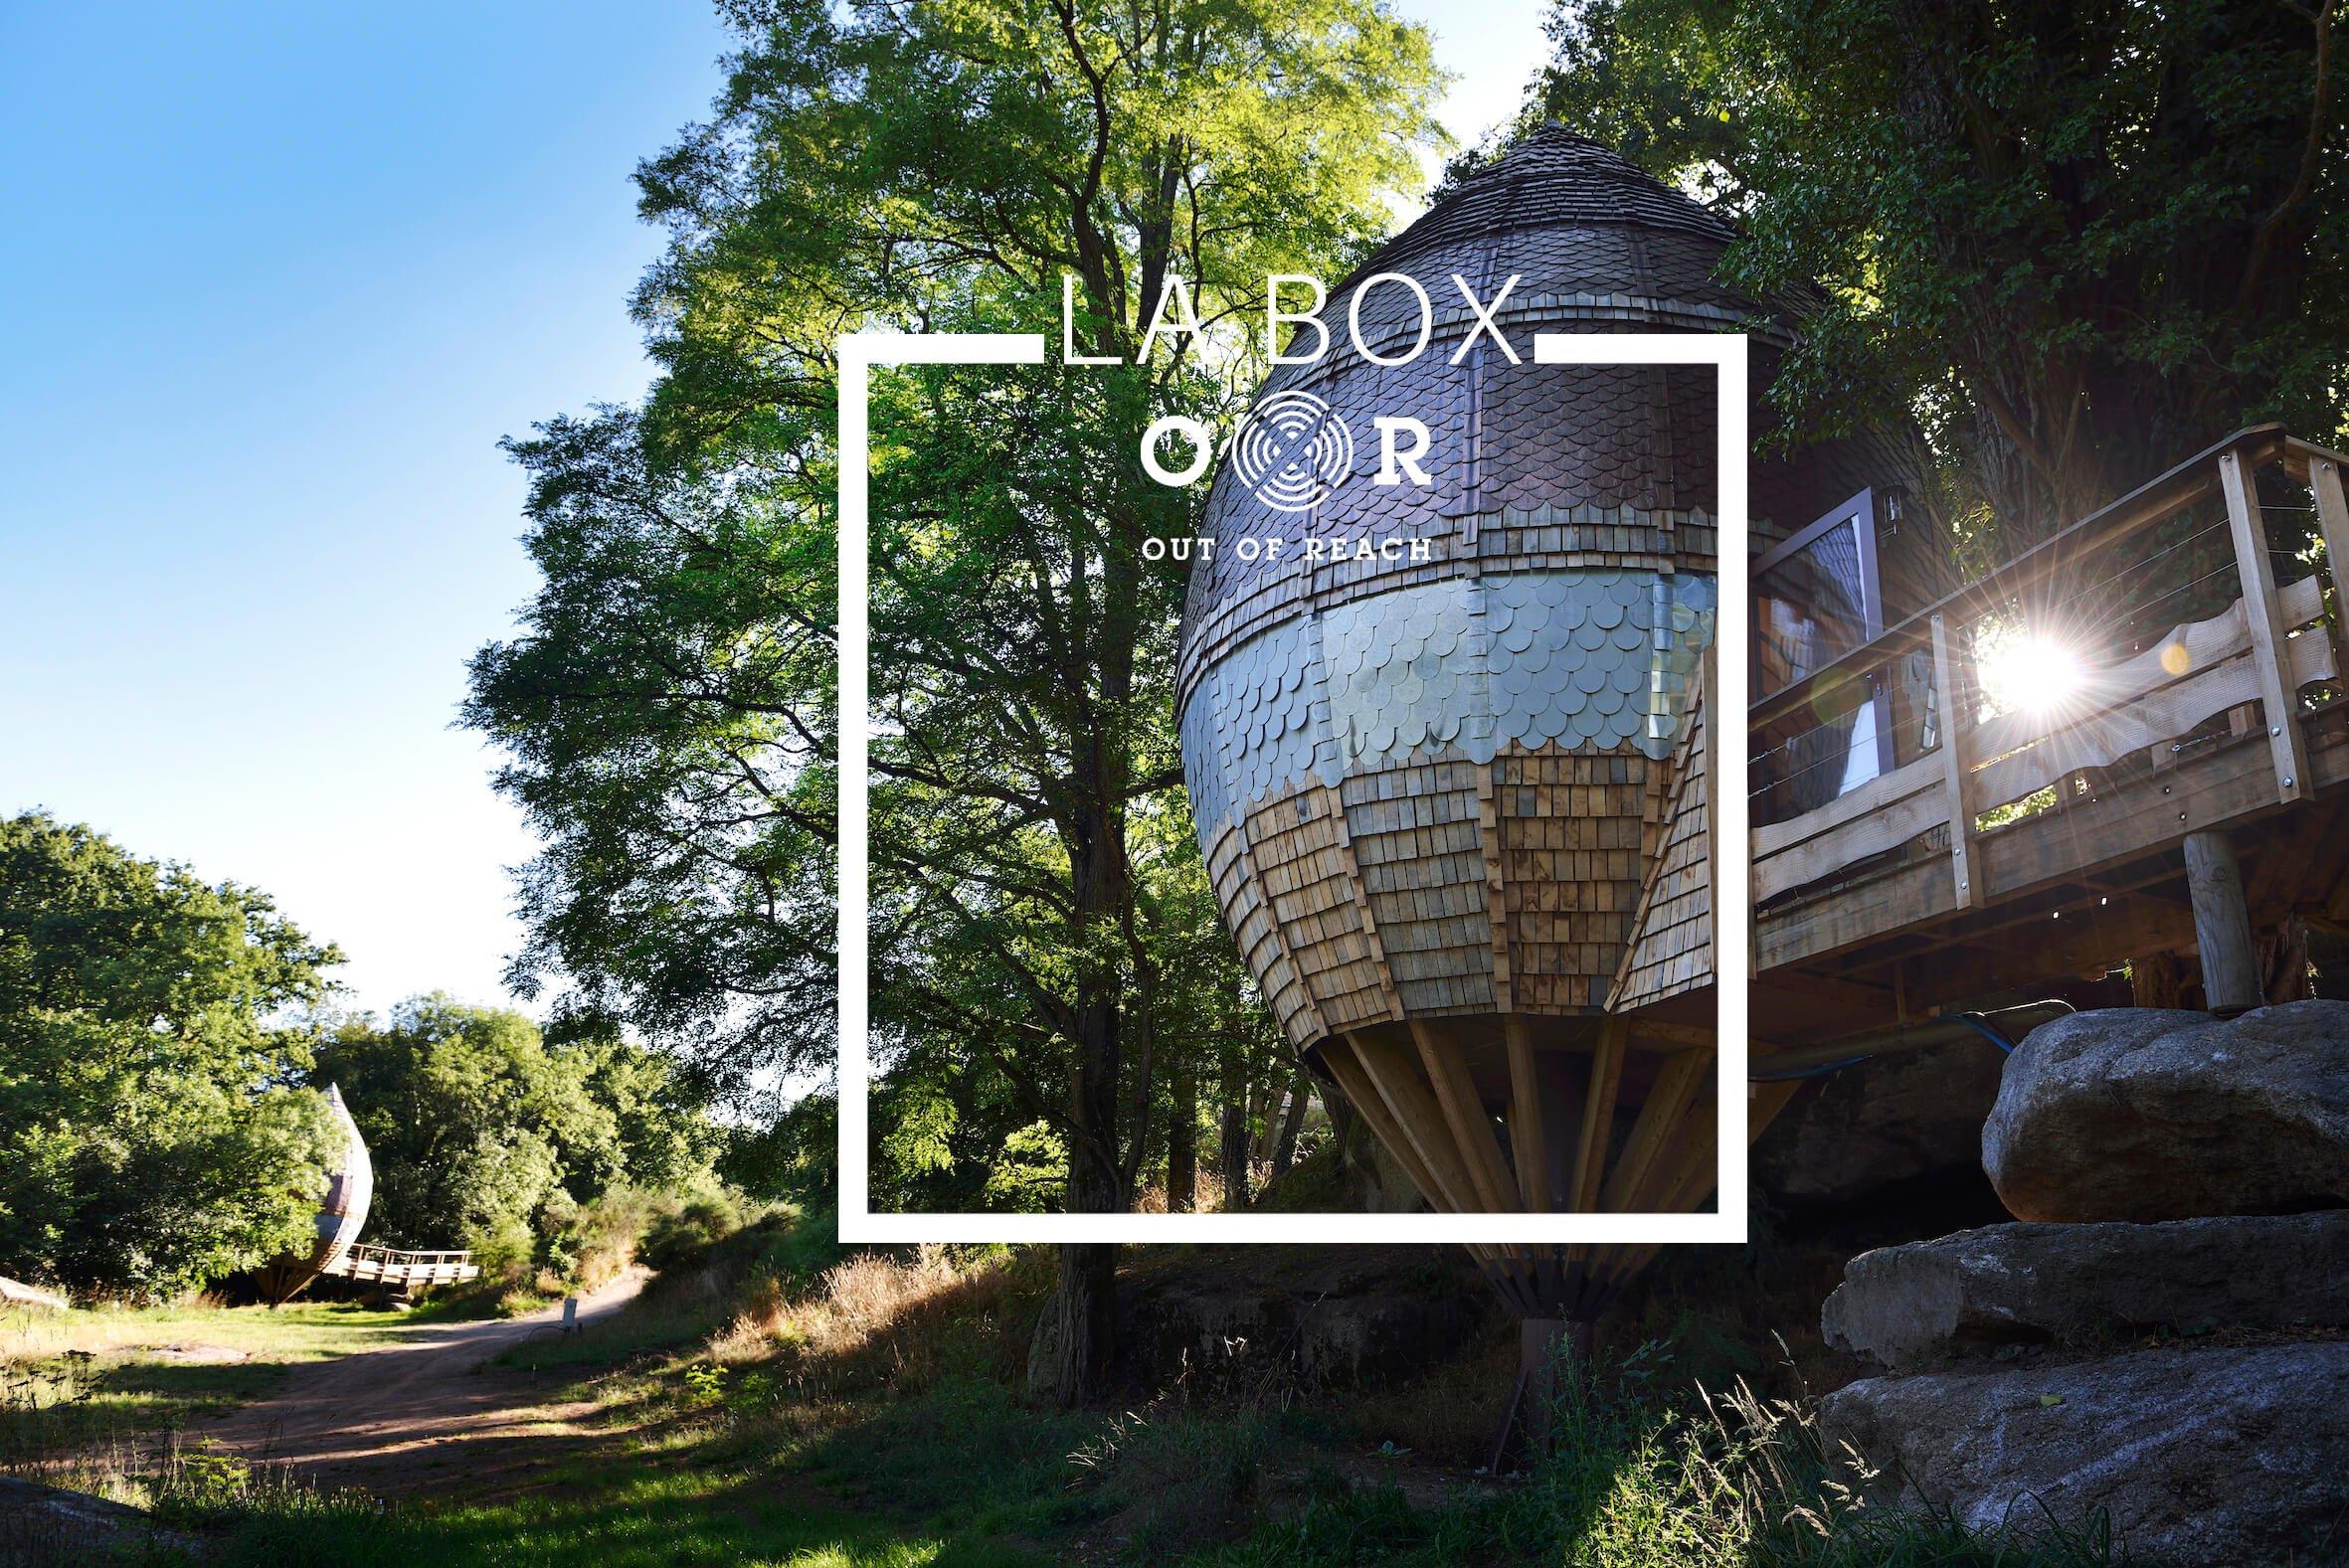 02B Experiences Box Out Of Reach Collection Absolus et Essentiels Oasis de lodges insolites - Les globe blogueurs - blog voyage nature